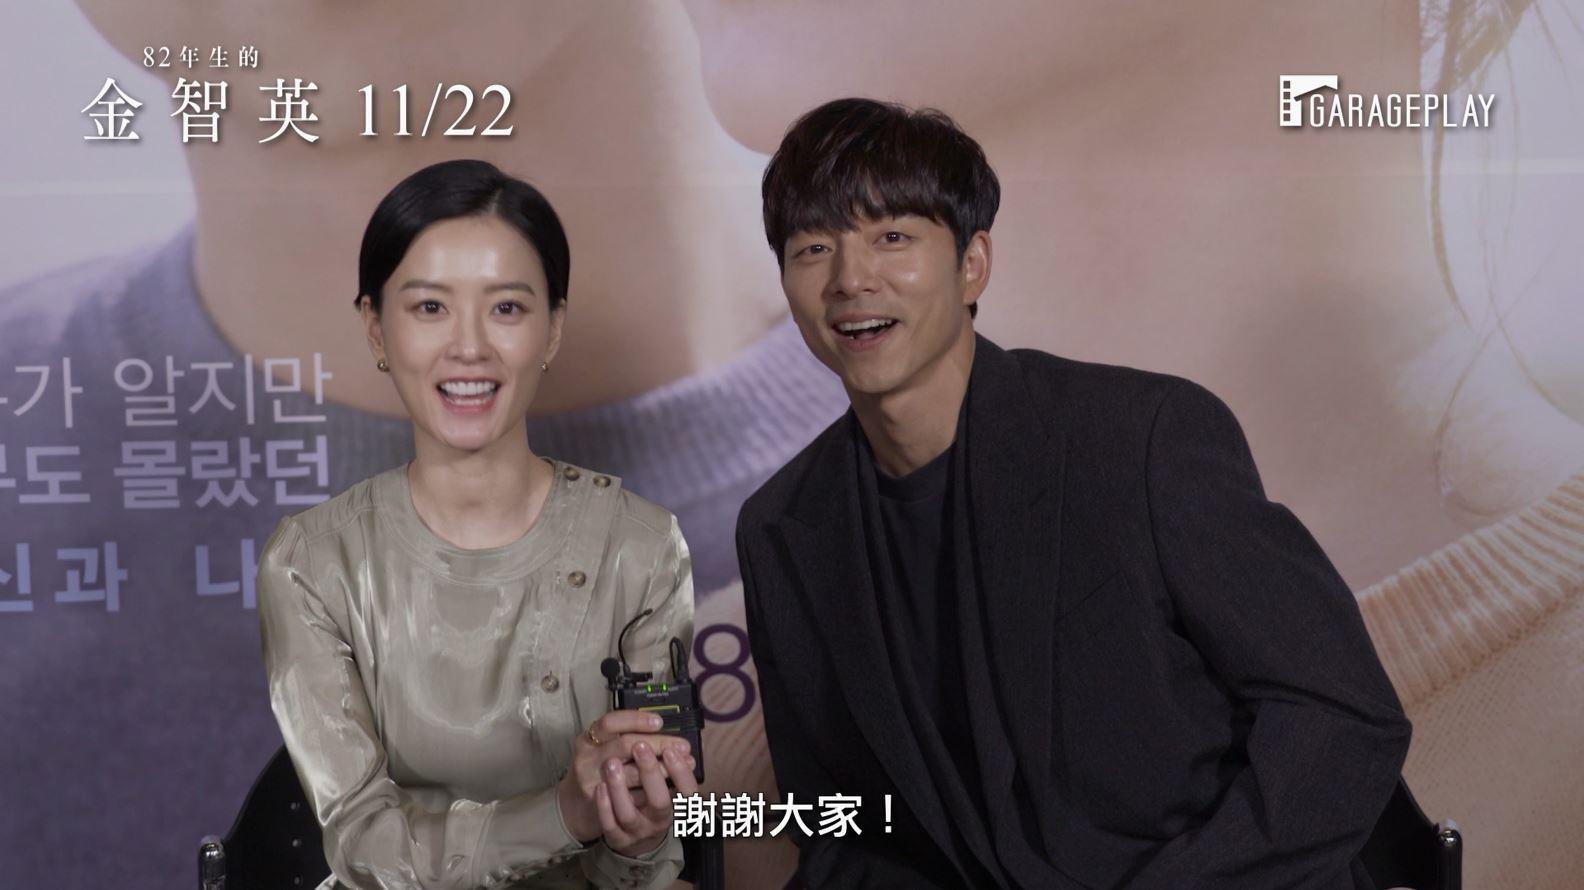 《82年生的金智英》全台首週票房突破550萬!鄭裕美、孔劉感謝台灣觀眾!